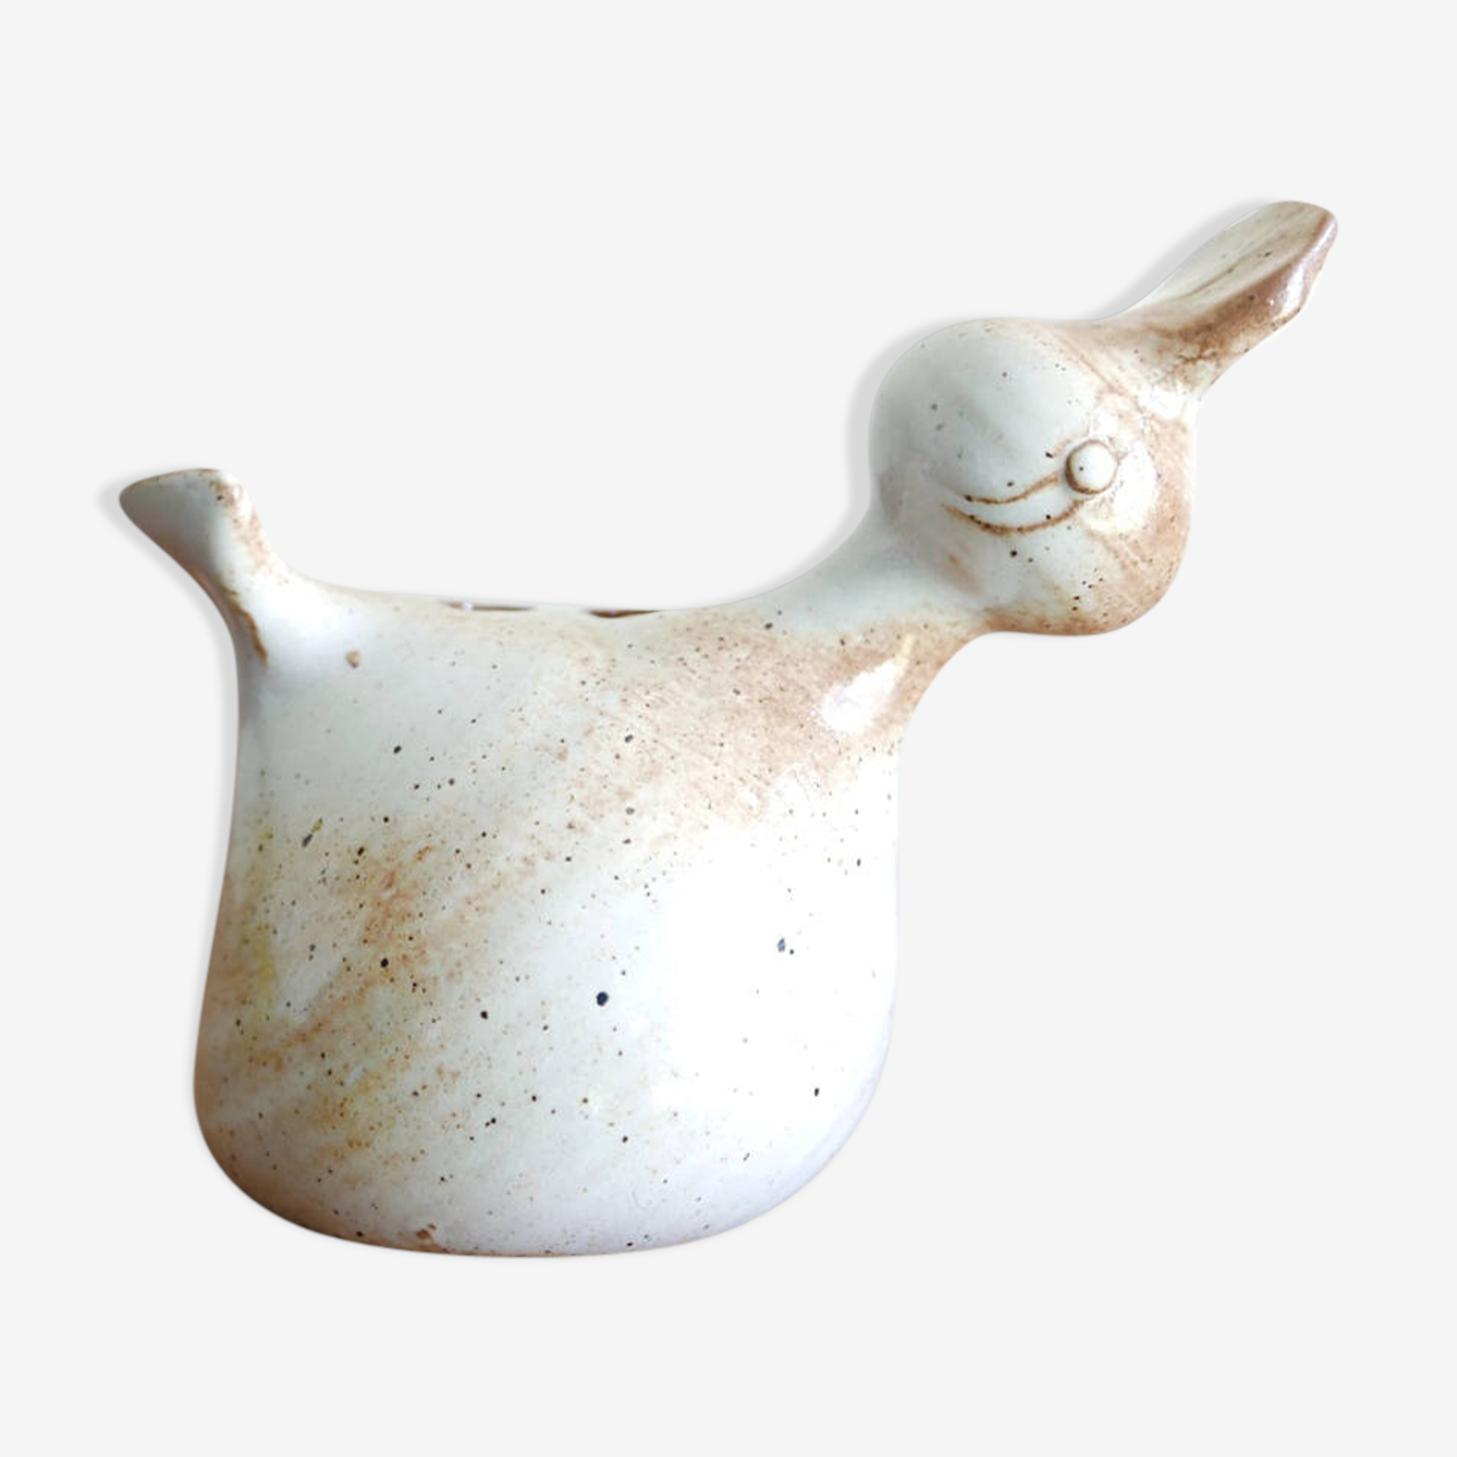 Pique fleurs oiseau en grès de la poterie du Marais, années 50